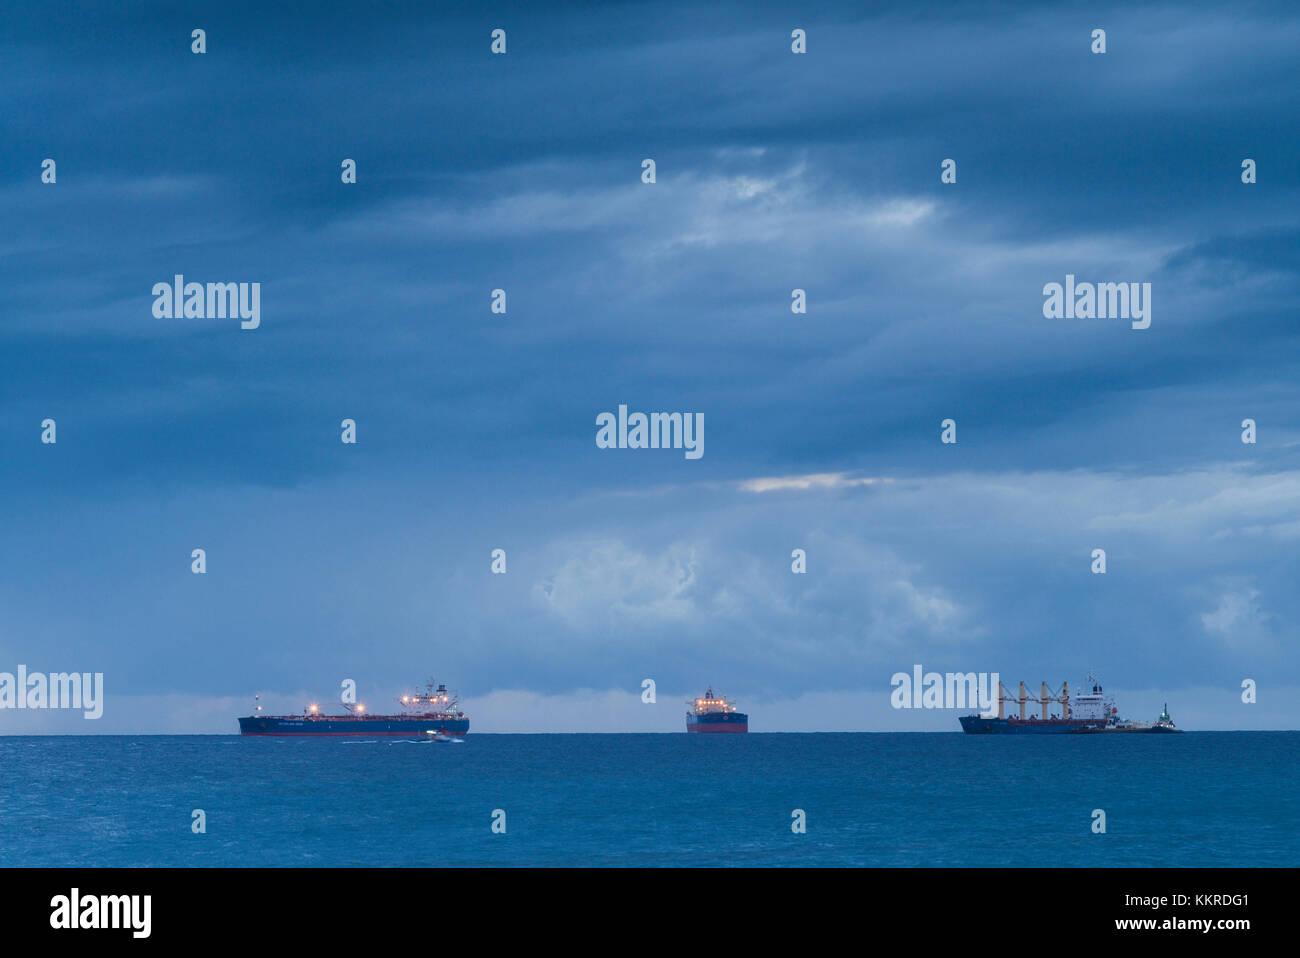 Pays-bas, Saint Eustache, Oranjestad Oranjestad, bay, pétroliers, crépuscule Banque D'Images